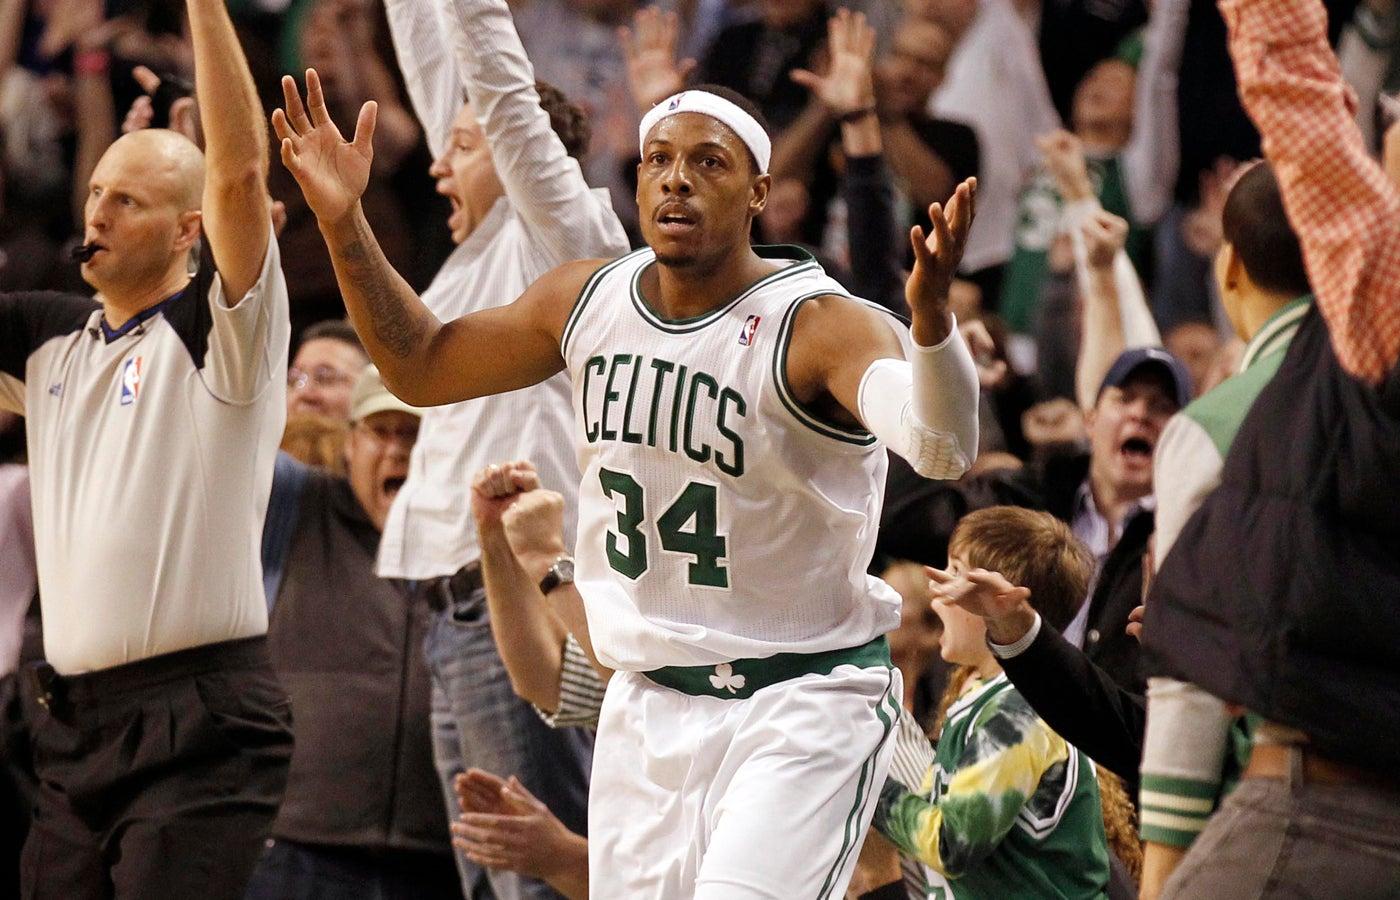 imagenes de los mejores jugadores de la NBA del 2012